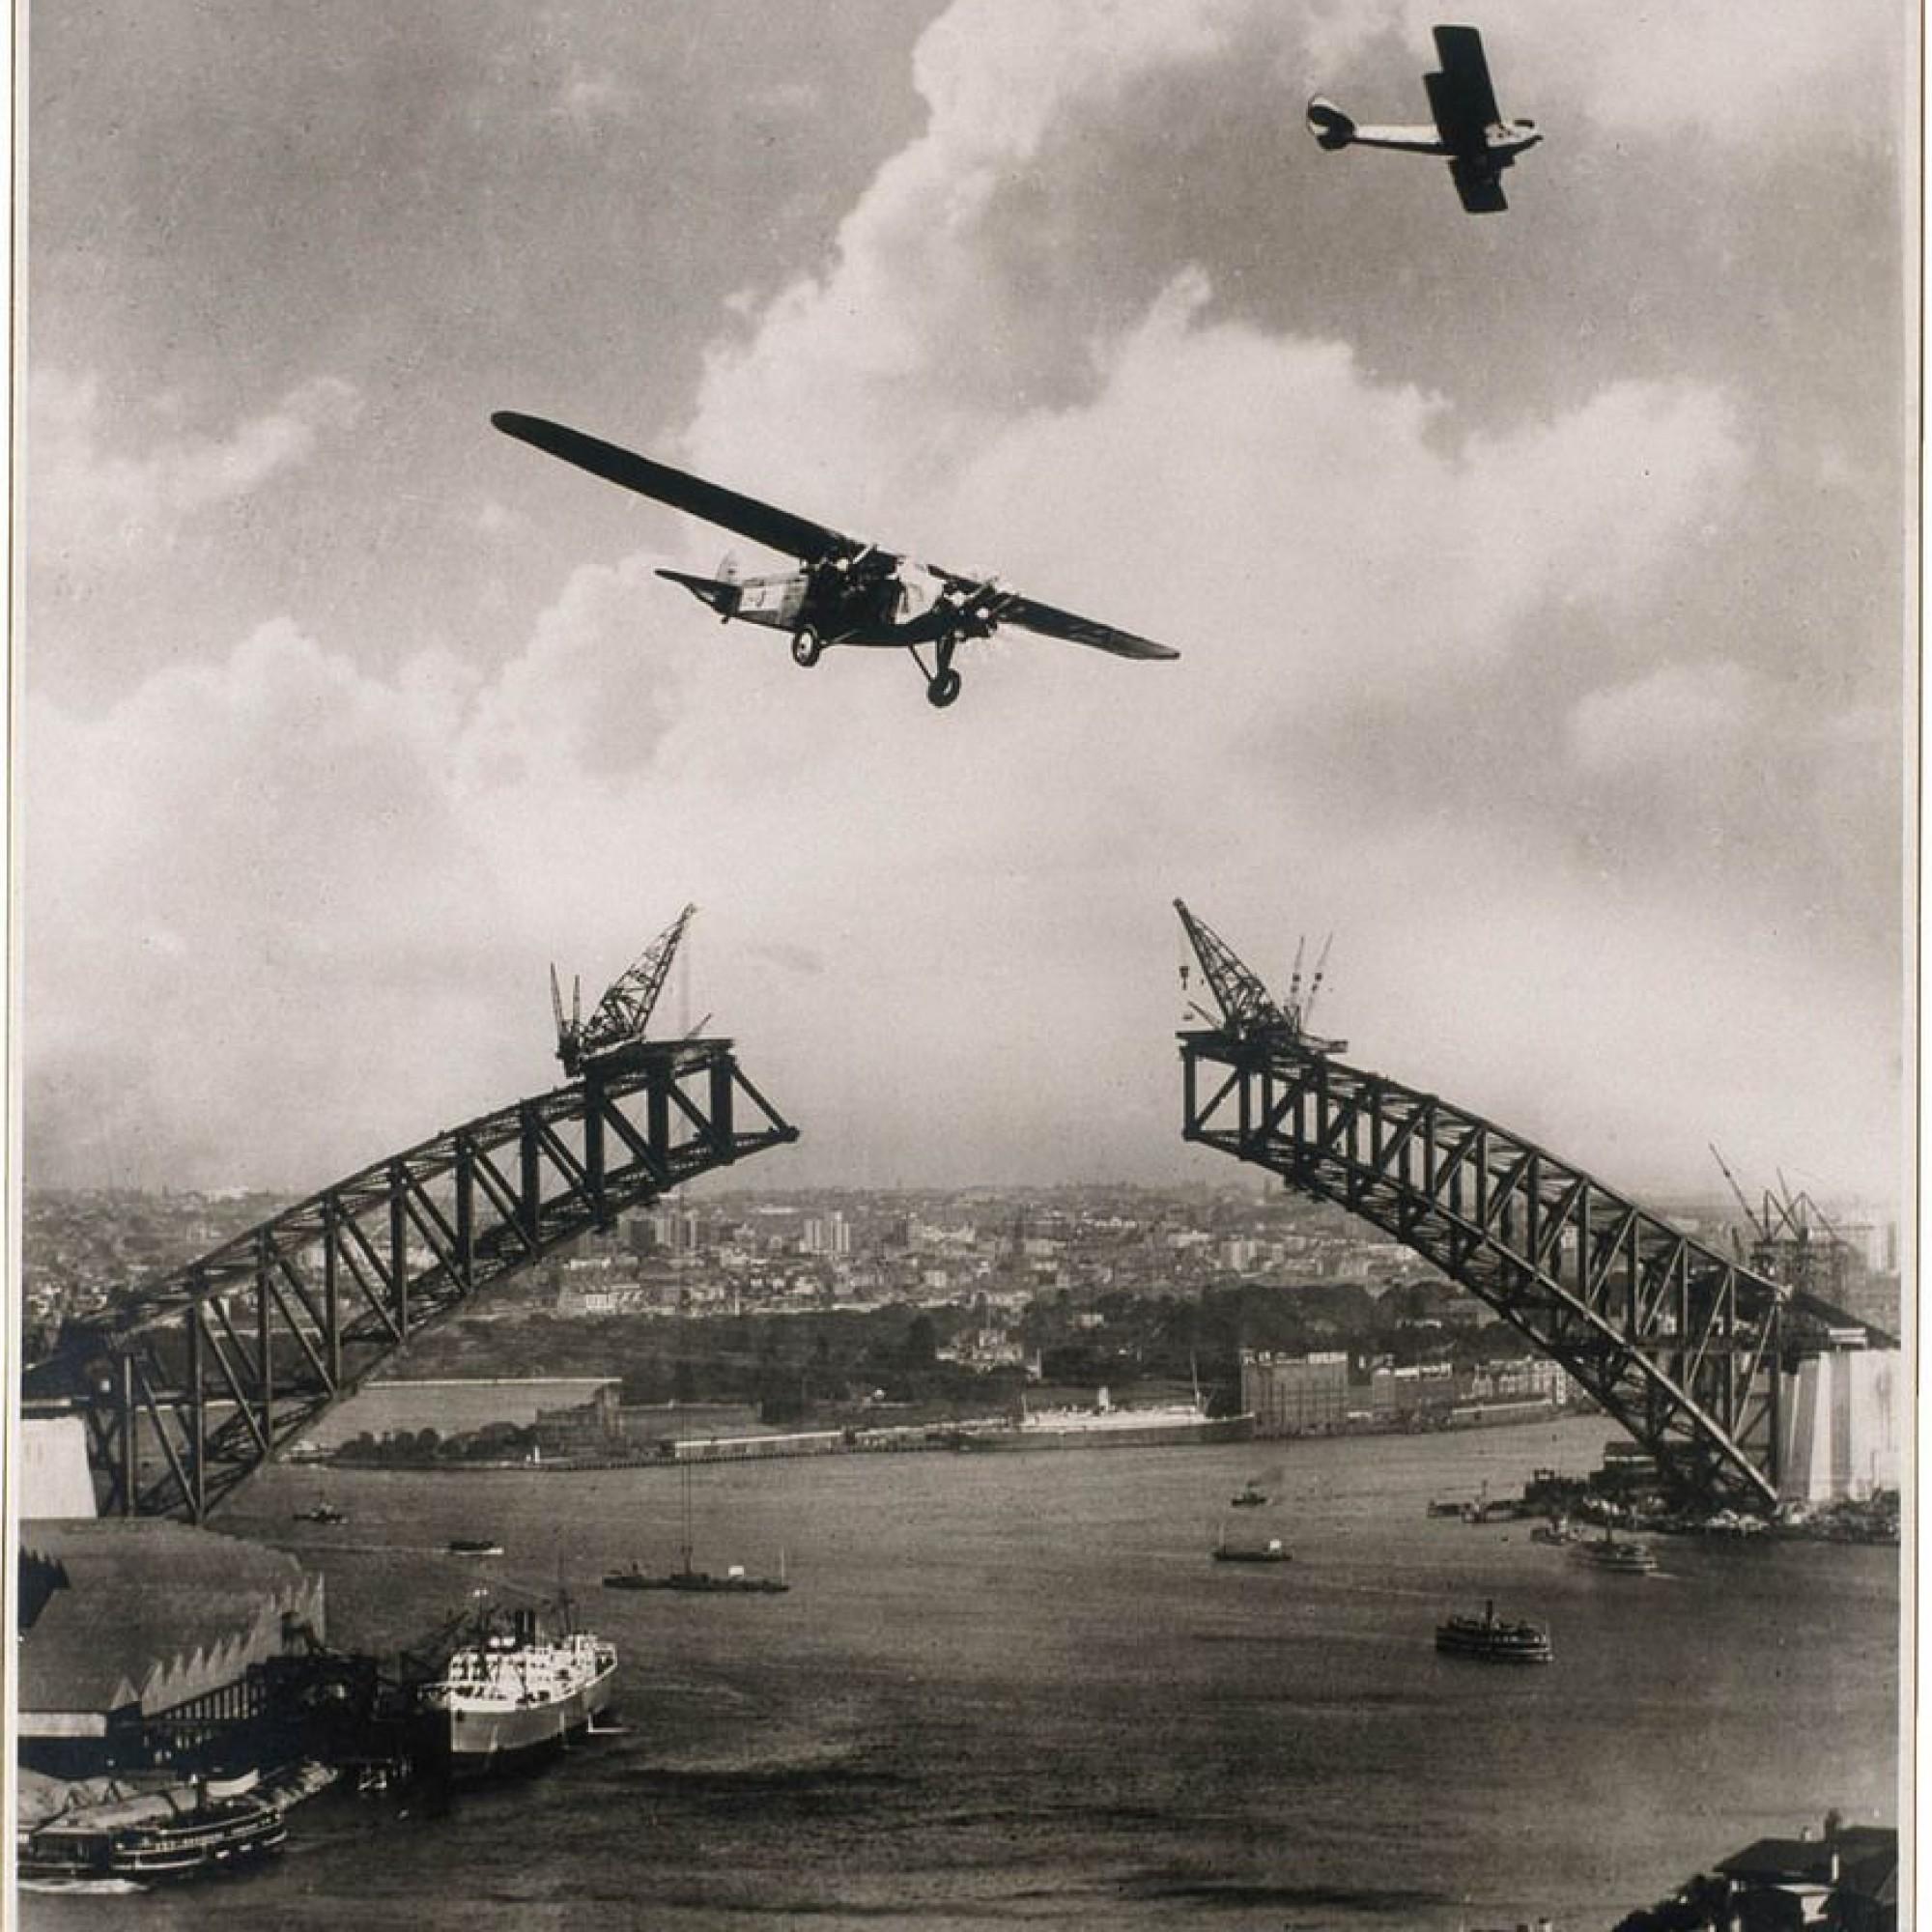 Die Sydney Harbour Bridge stellt die Hauptverbindung zwischen Sydneys Nord- und Südküste dar. Bei dieser Aufnahme um 1930 war noch nicht viel von der Brücke zu sehen.